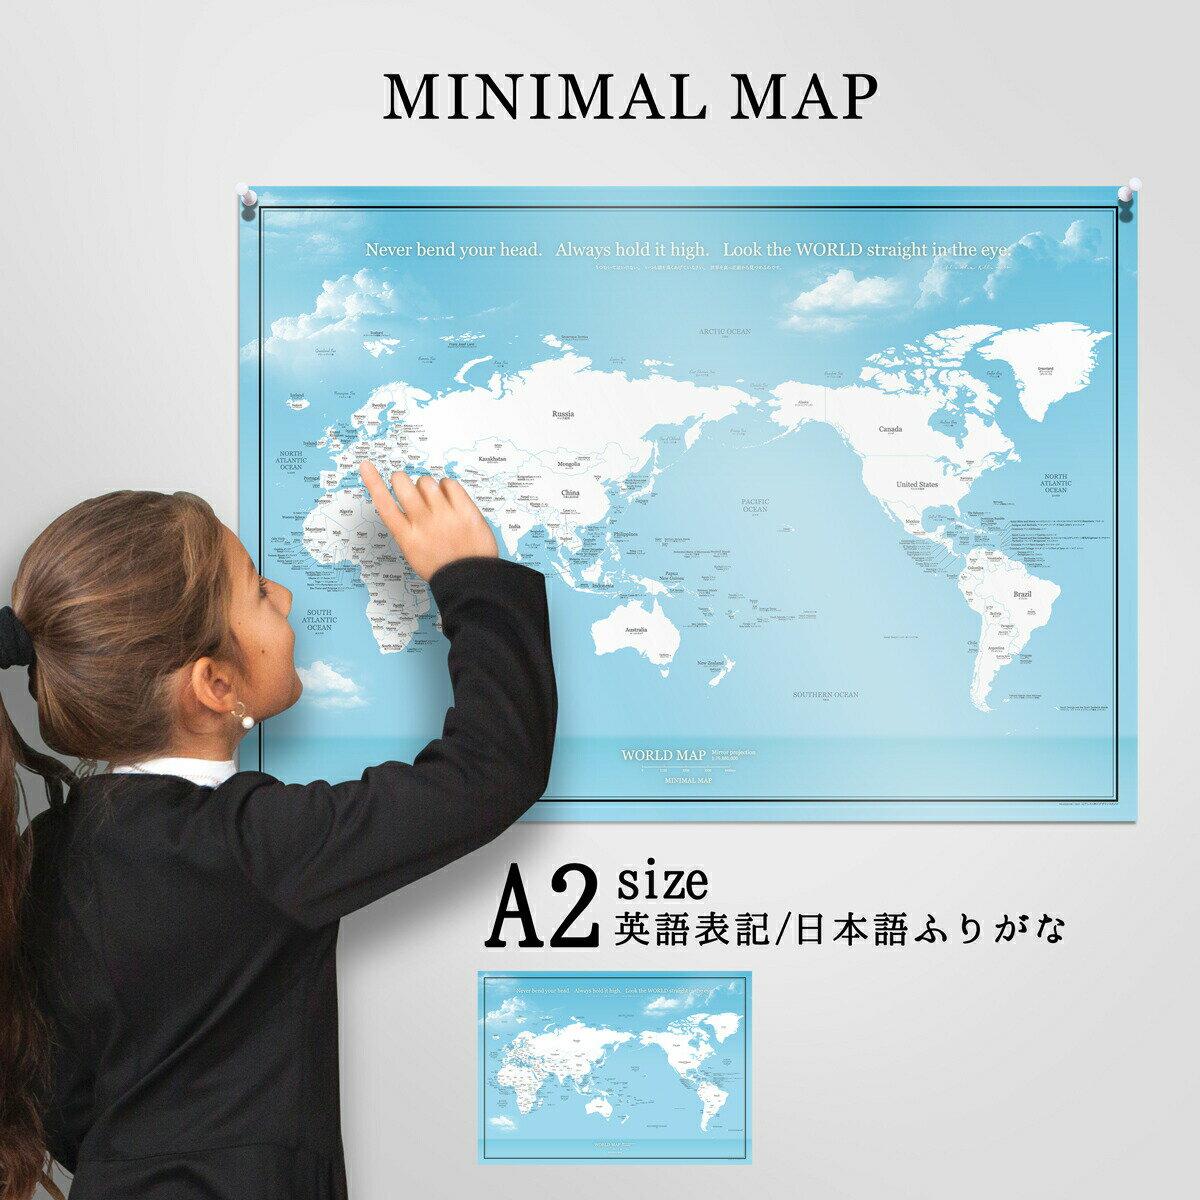 【390円OFF】世界地図 A2 ブルー 空と海 ポスター インテリア おしゃれ 国名 白地図 こども 壁 ミニマルマップ Zoom背景 テレワーク オンライン 053 cpy